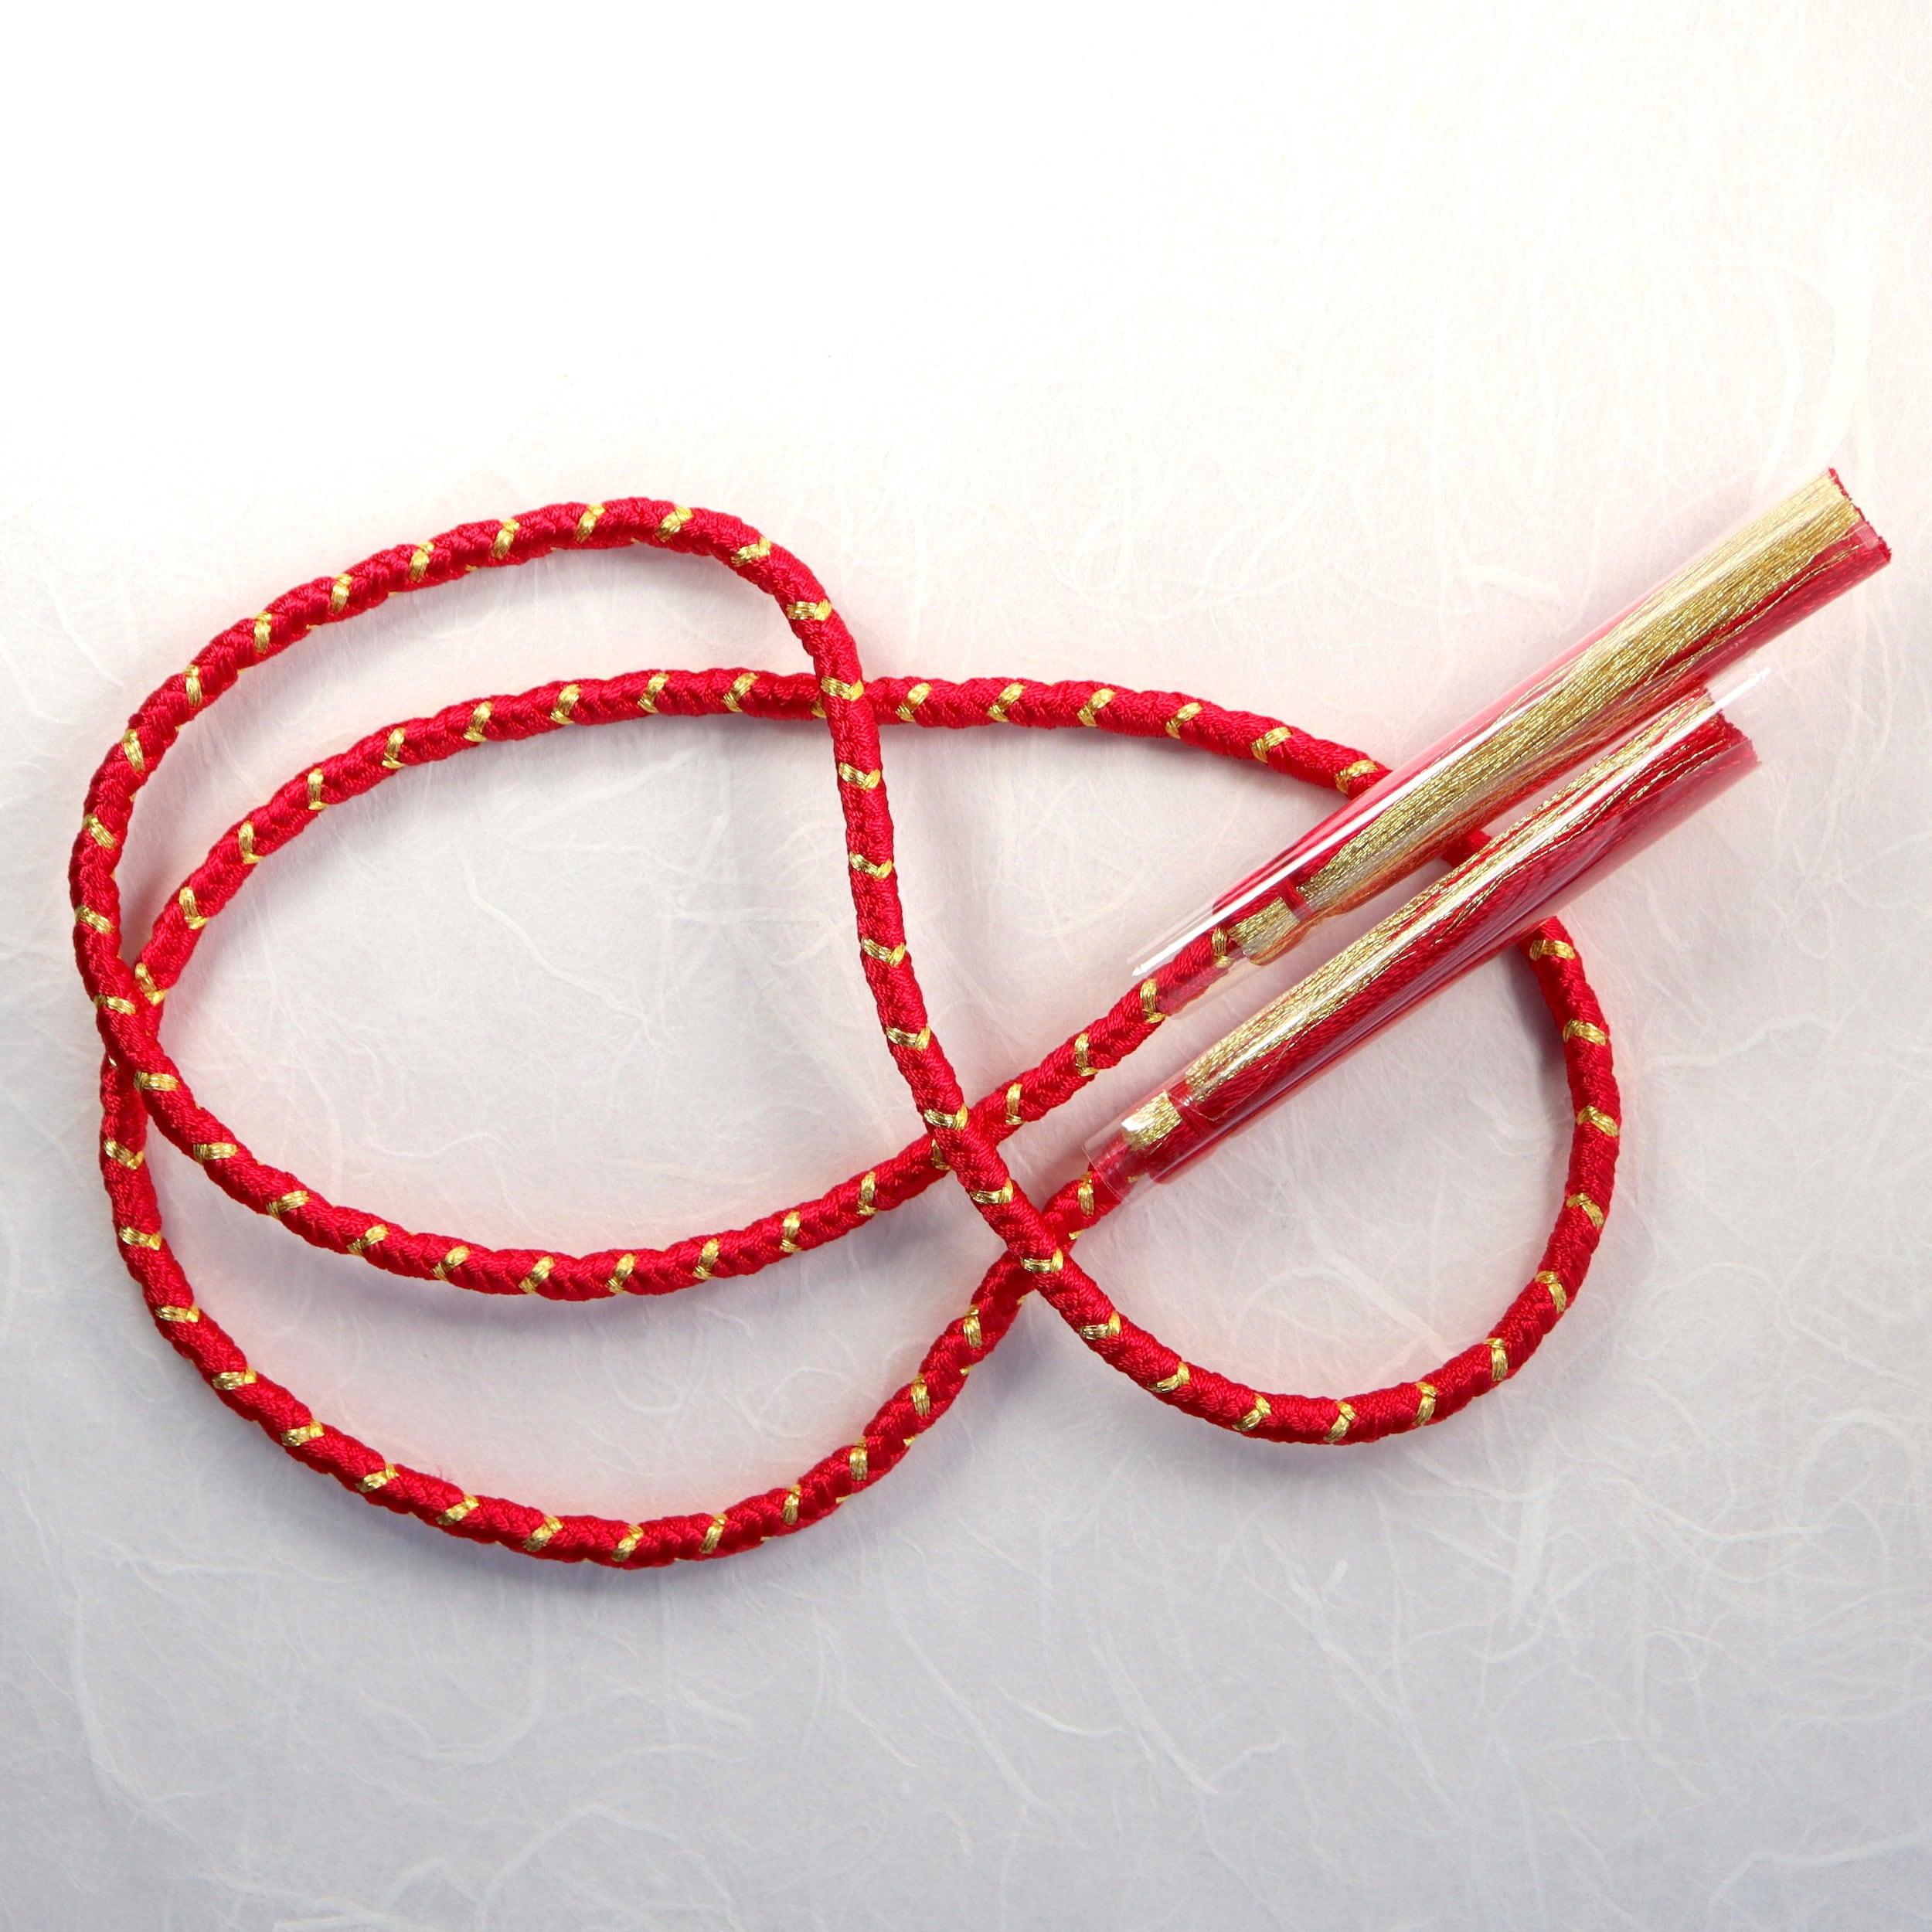 【組紐】ローズレッド 房付き飾り紐